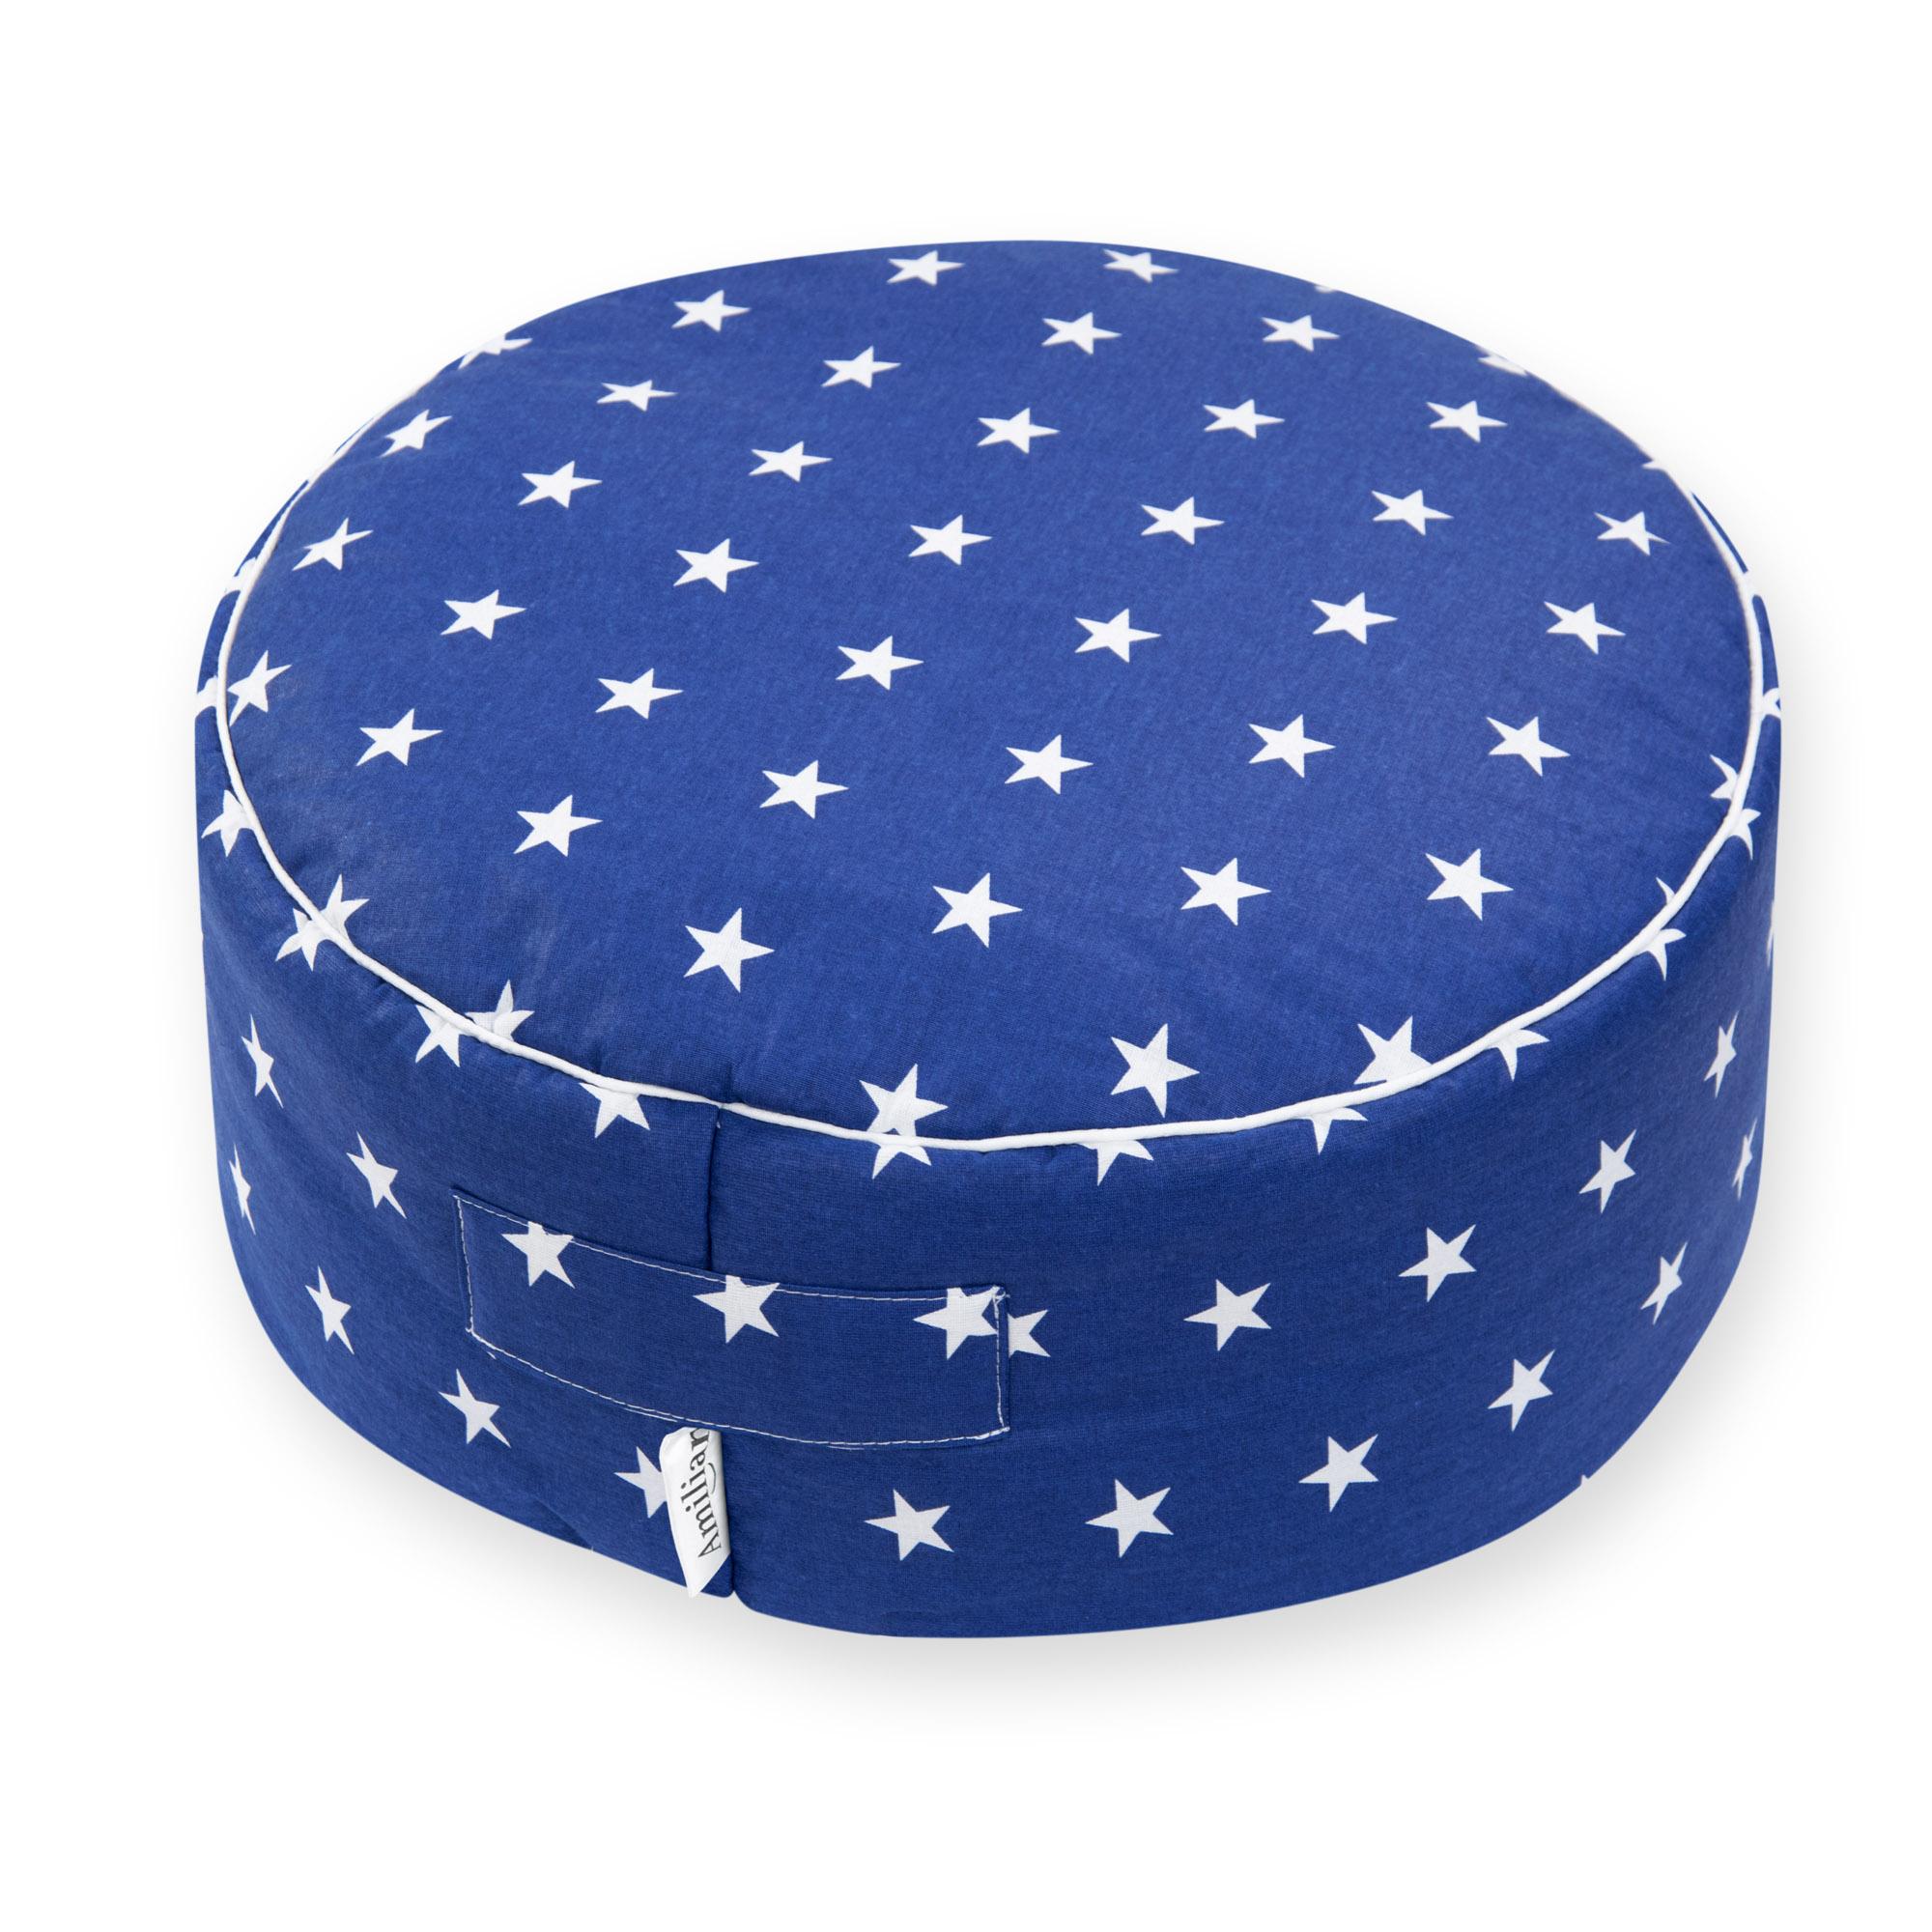 Sitzkissen Sitzpuff ca. Ø 40 cm 16 cm hoch für Kinder weiche Füllung Sternchen Blau